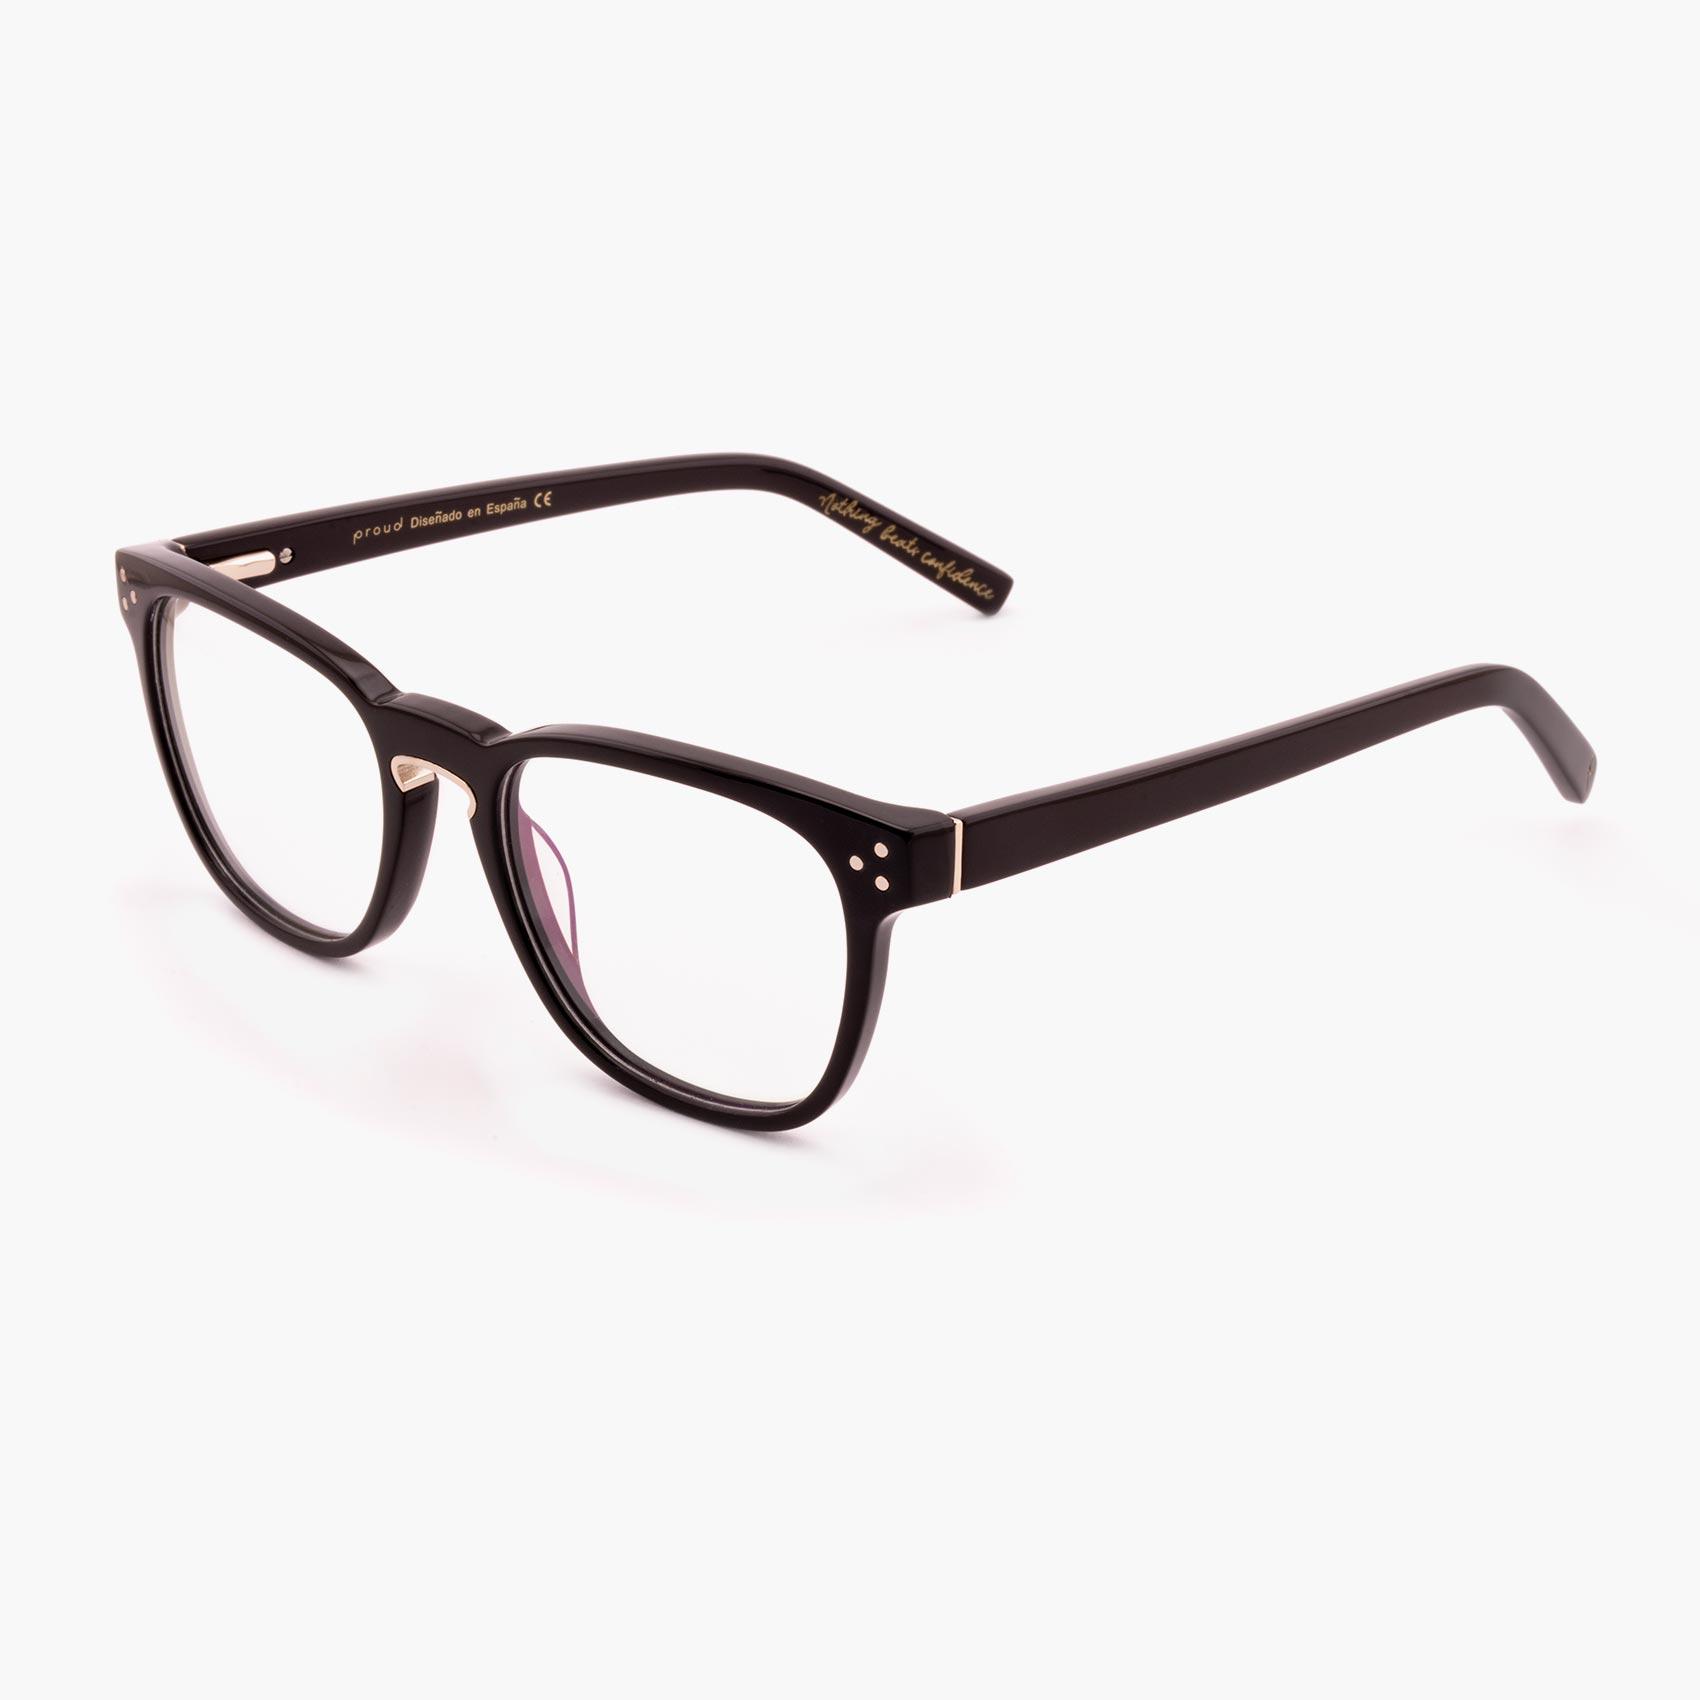 Proud eyewear Firth C2 P montura con puente de herradura marron oscuro